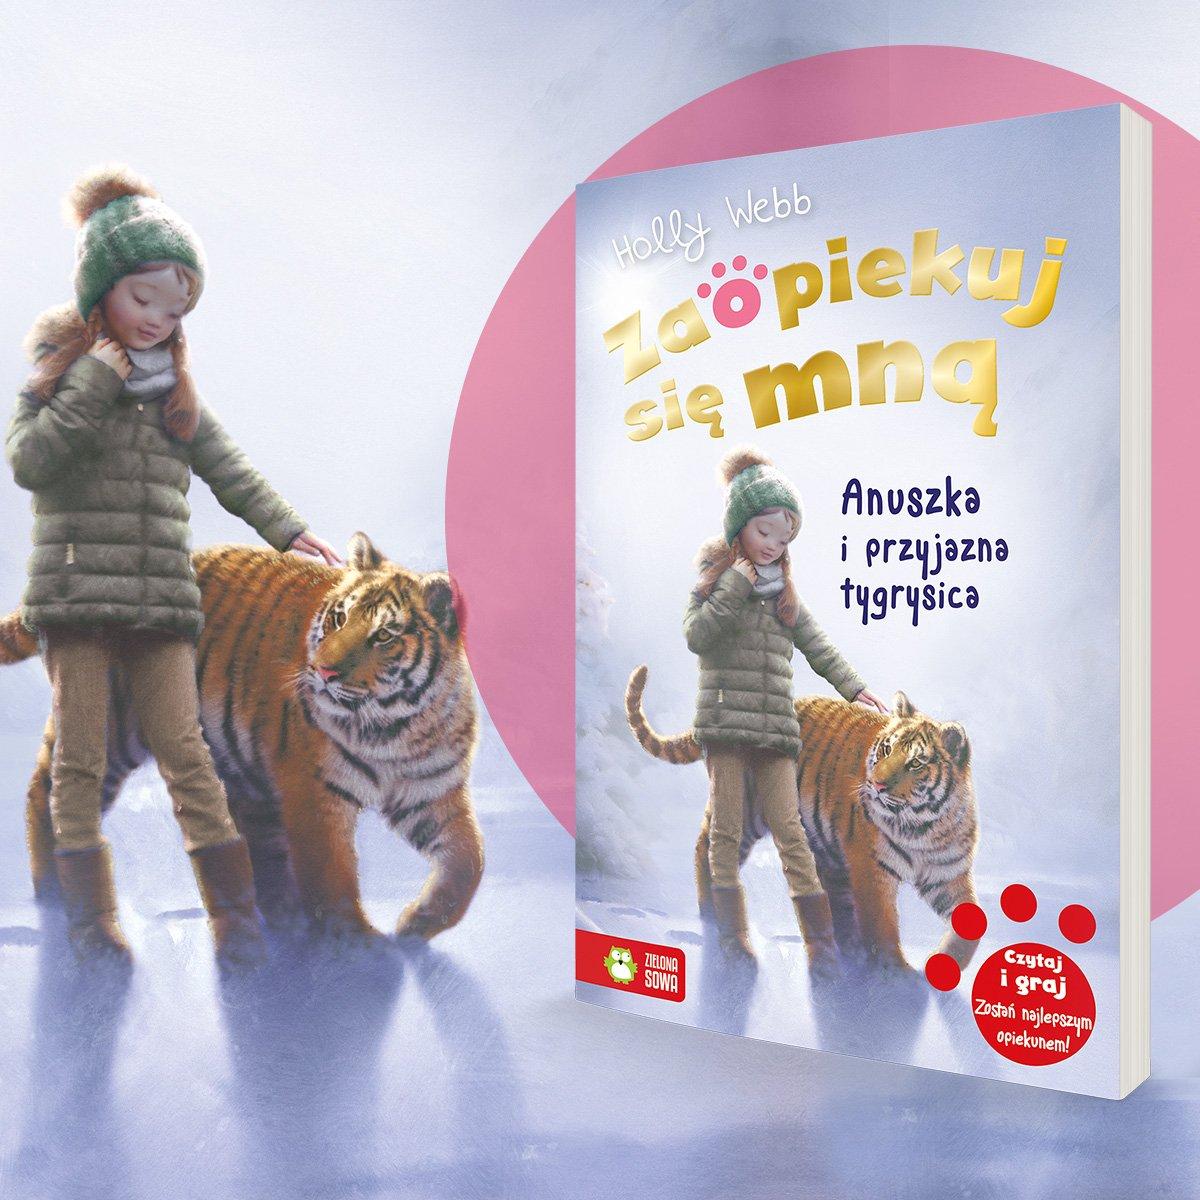 Zaopiekuj się mną. Anuszka i przyjazna tygrysica - premiera książki